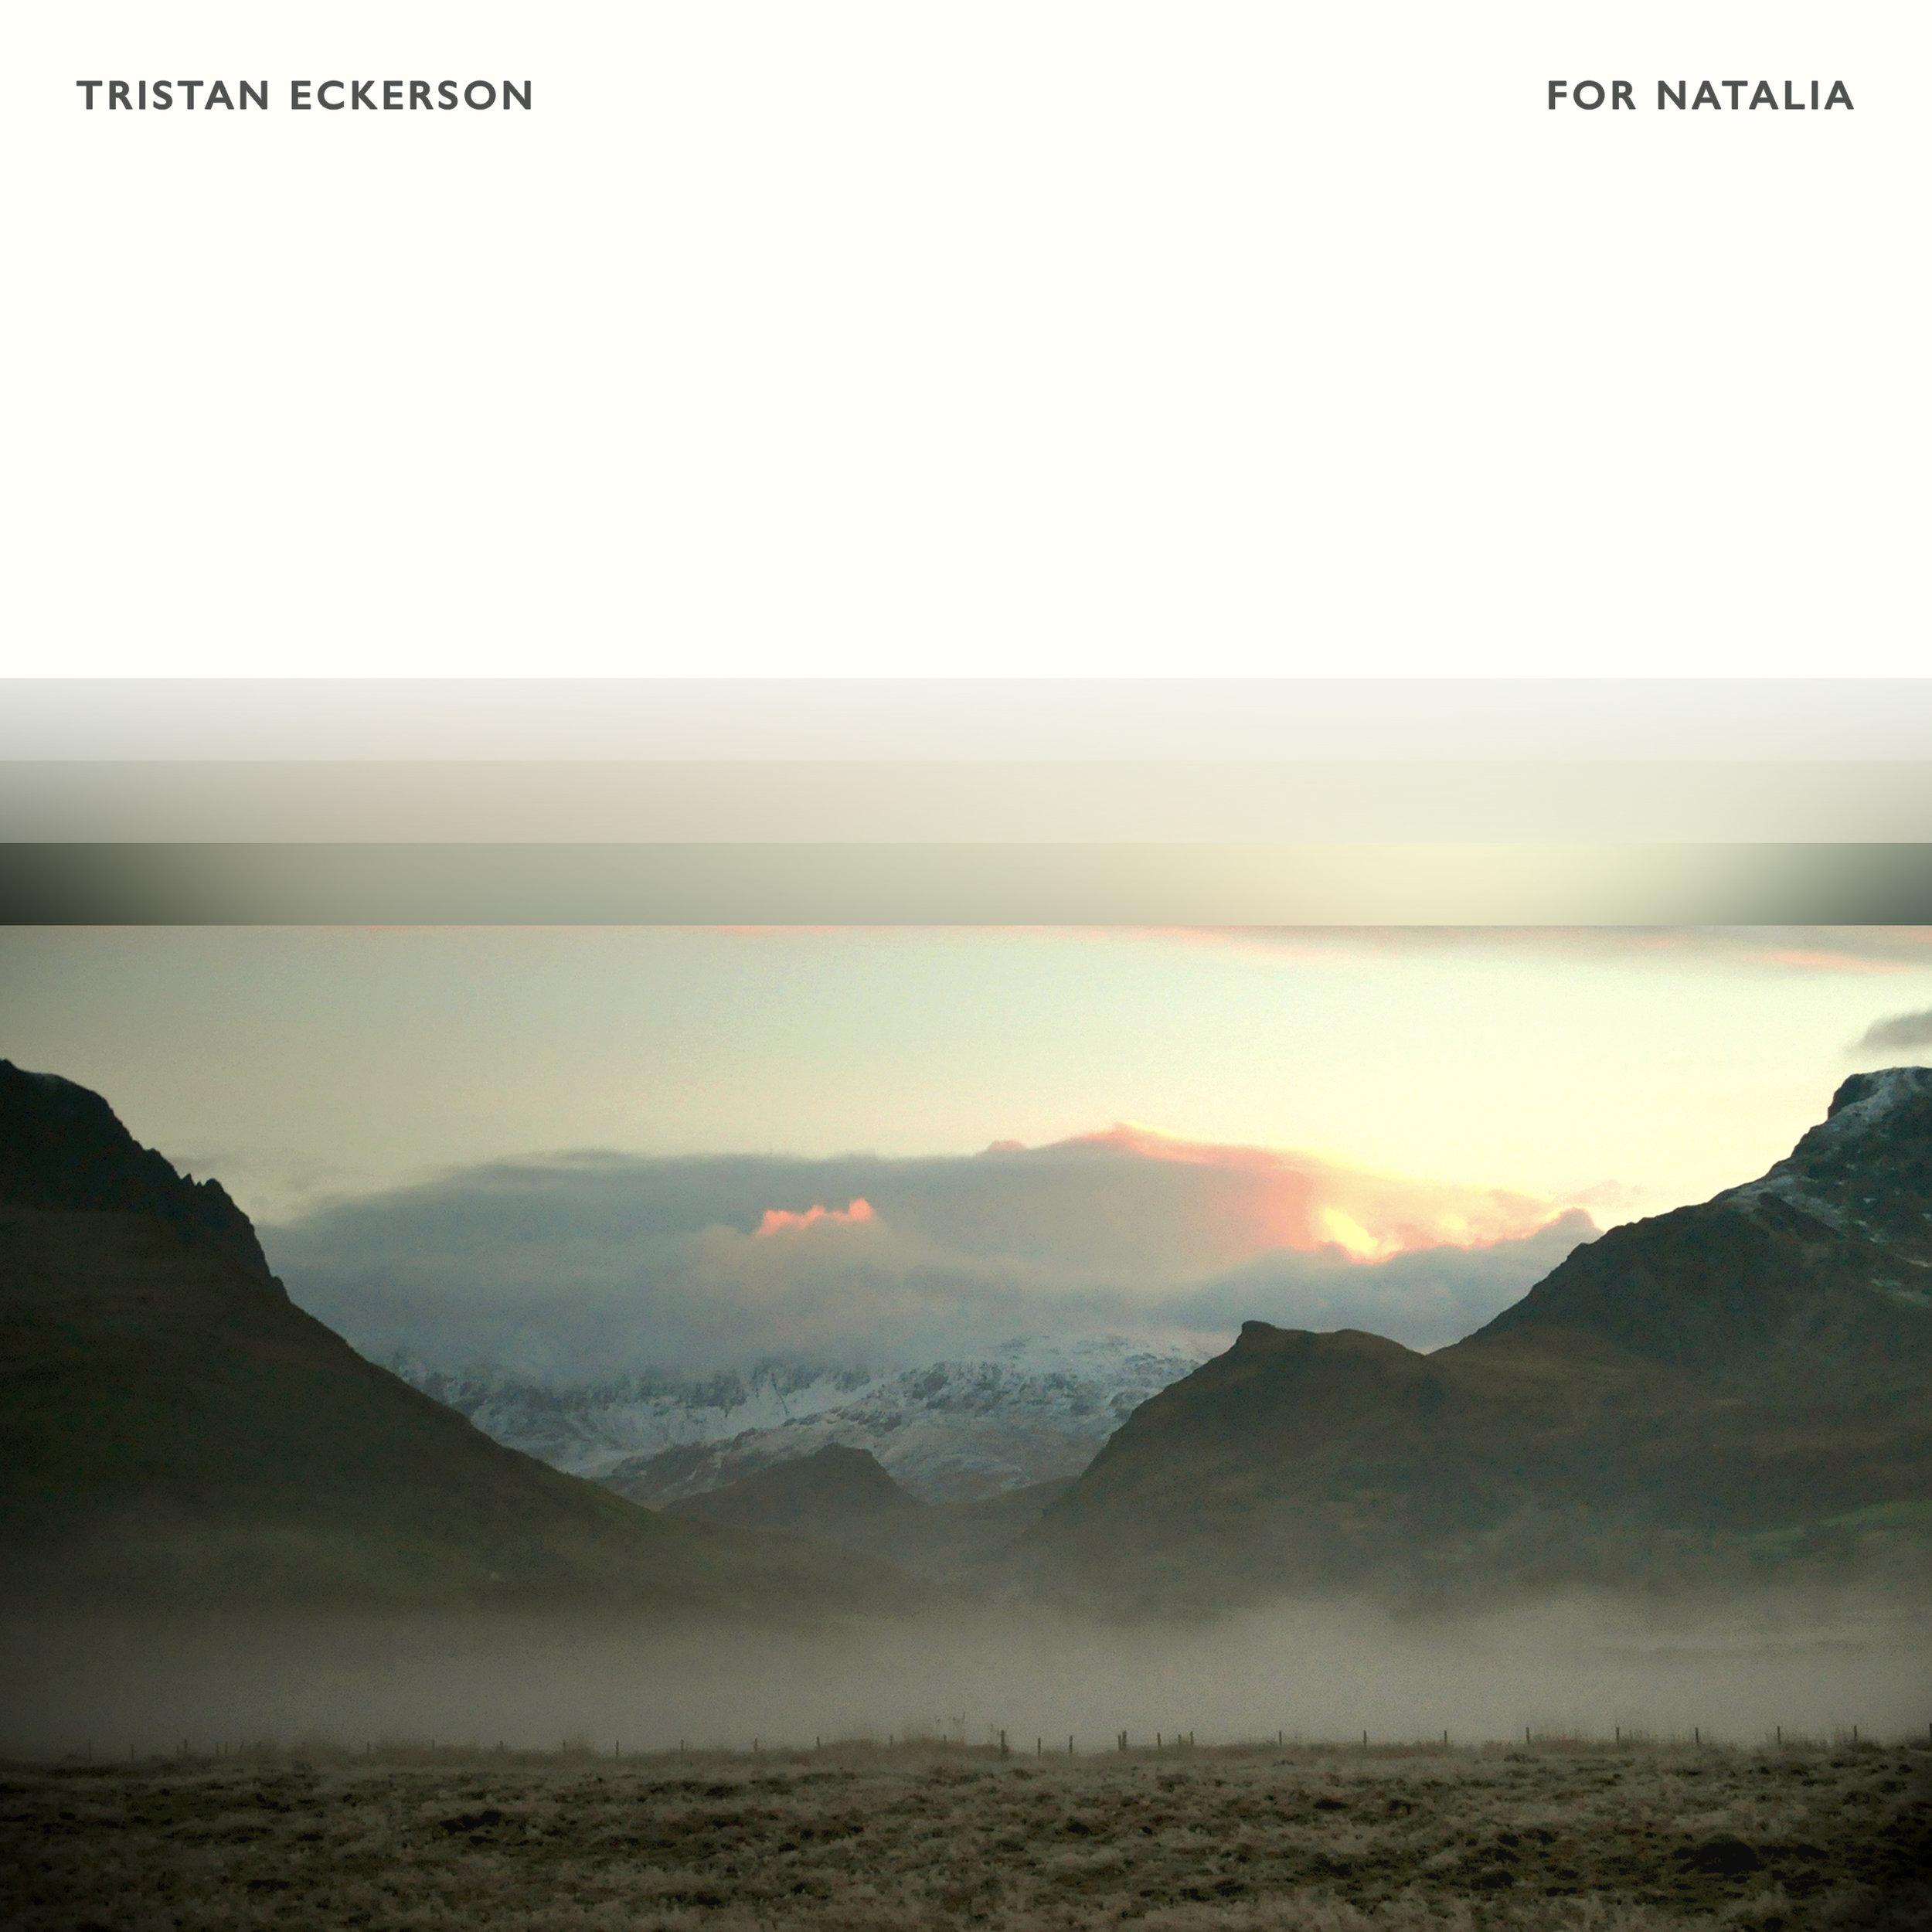 Tristan Eckerson - For Natalia